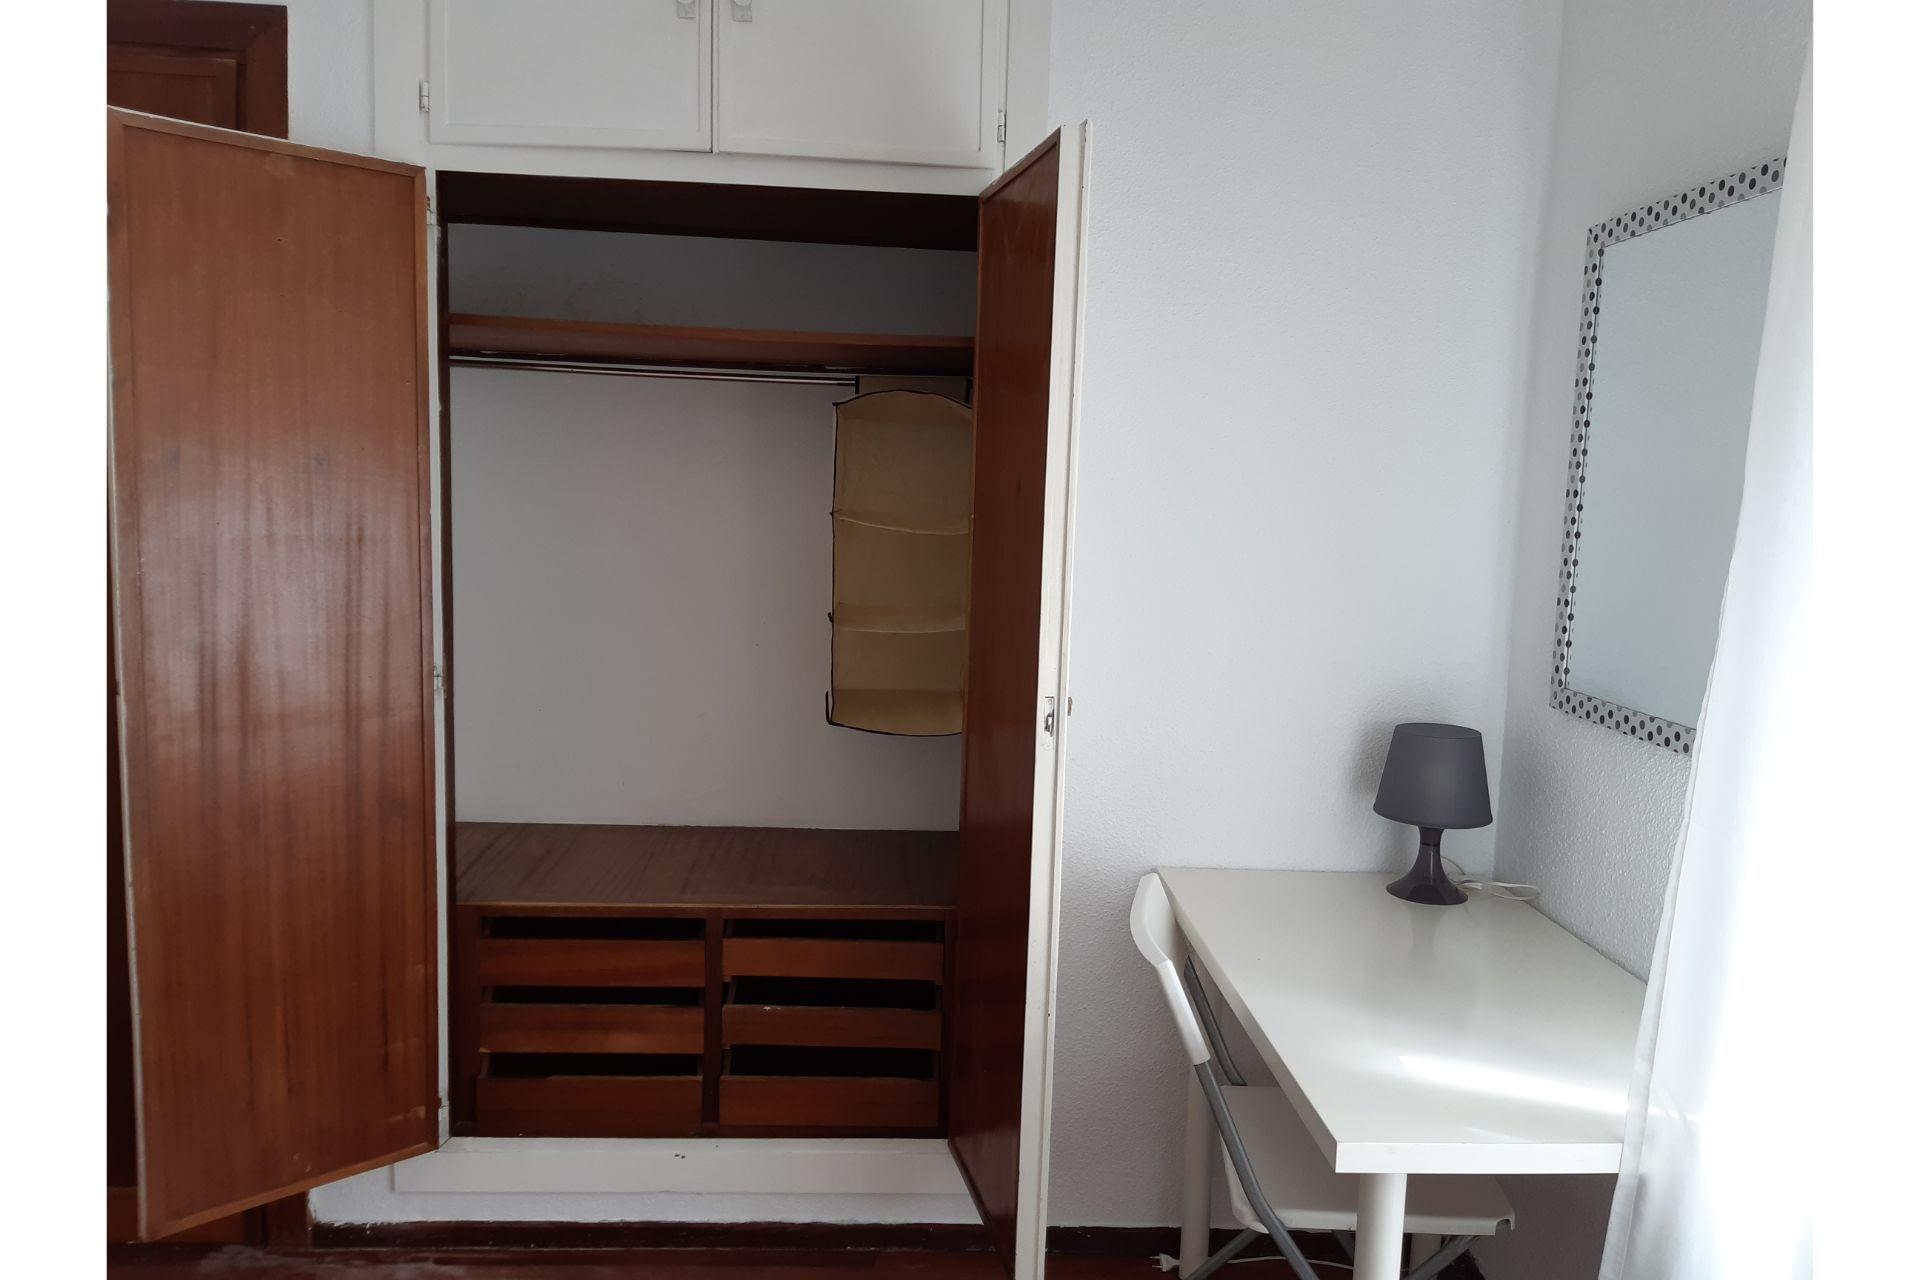 alquiler de habitaciones madrid paola